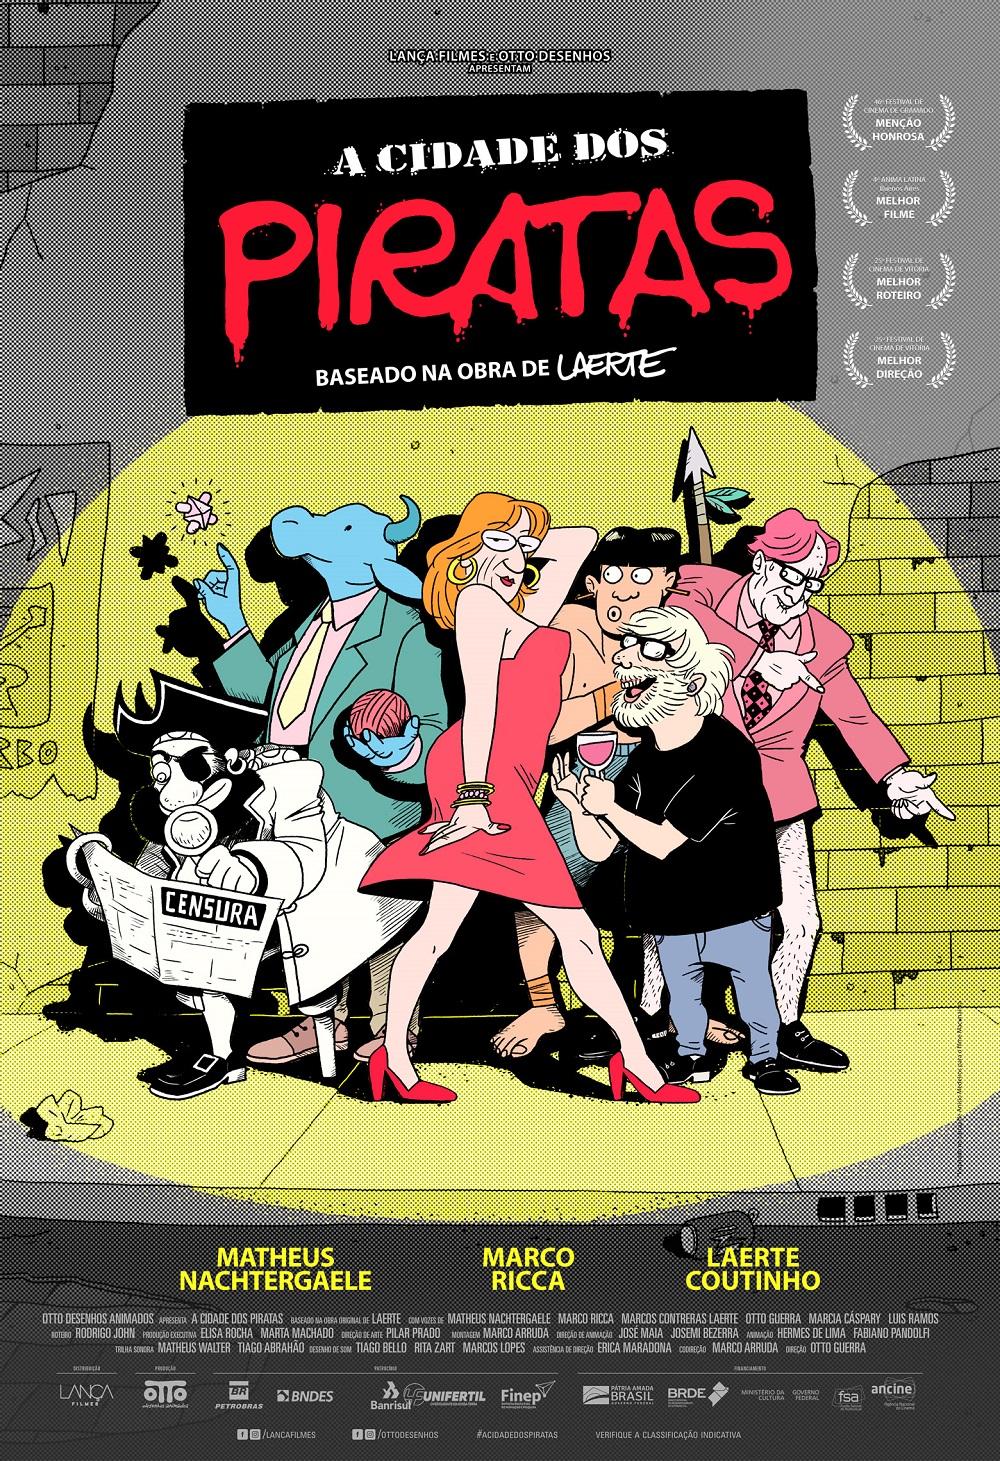 a-cidade-dos-piratas-otto-guerra-laerte-coutinho